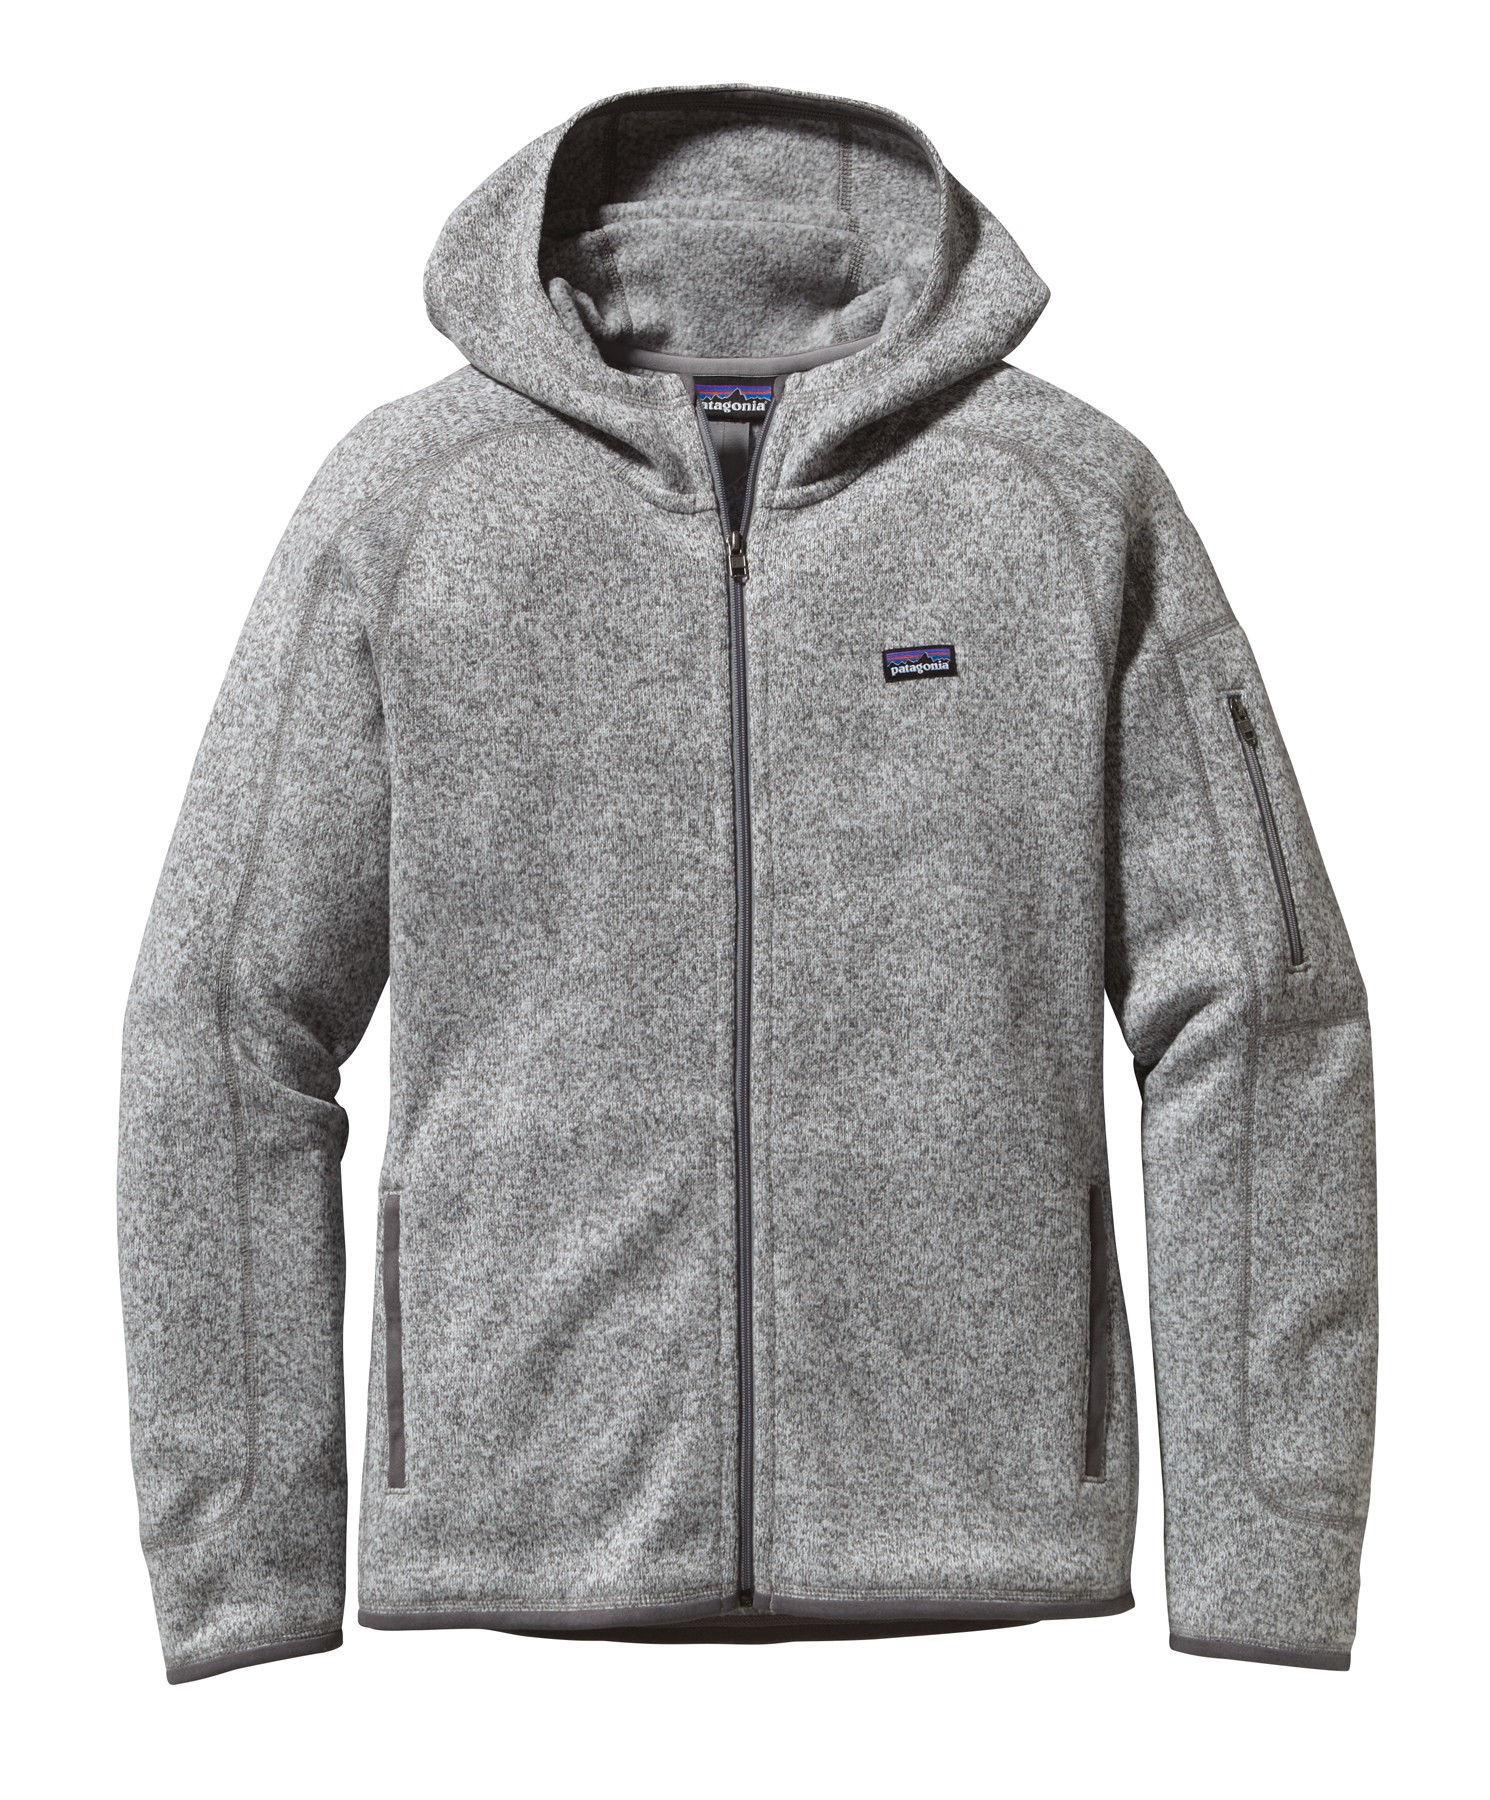 Bilde av W's Better Sweater Hoody